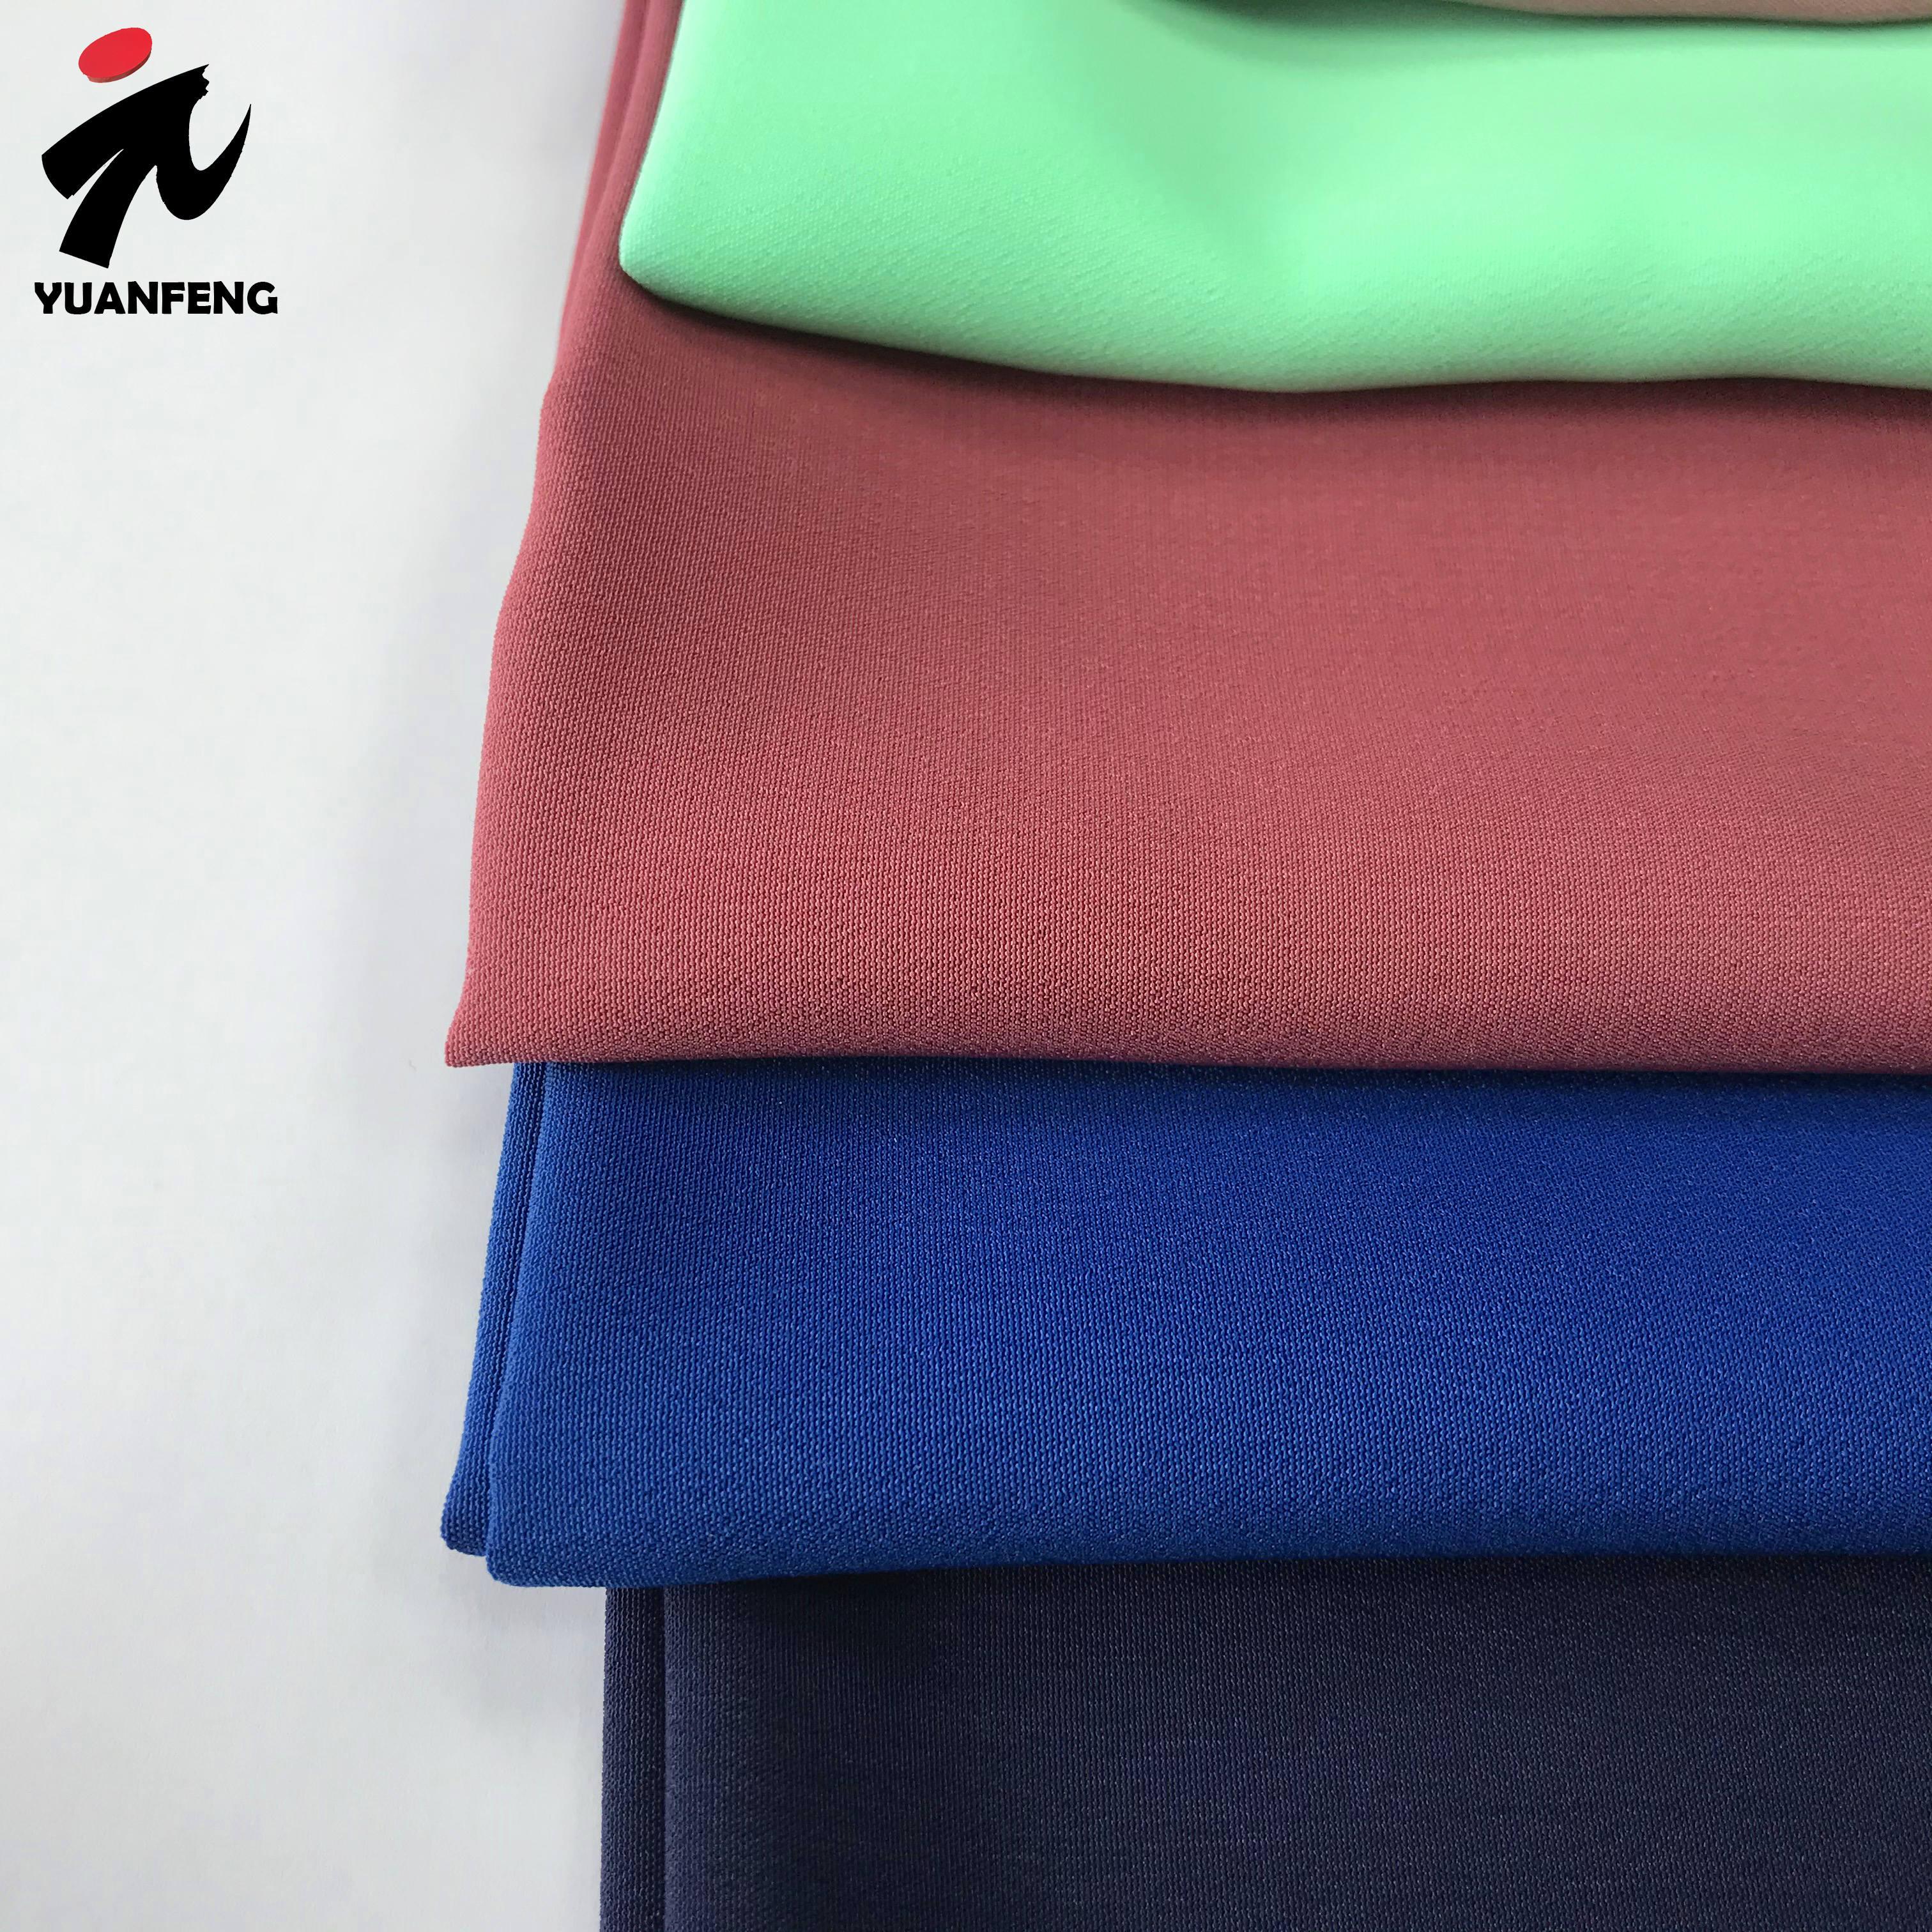 2021 fashion china factory cheapest 100% polyester fabric woman dress crepe peach koshibo fabric